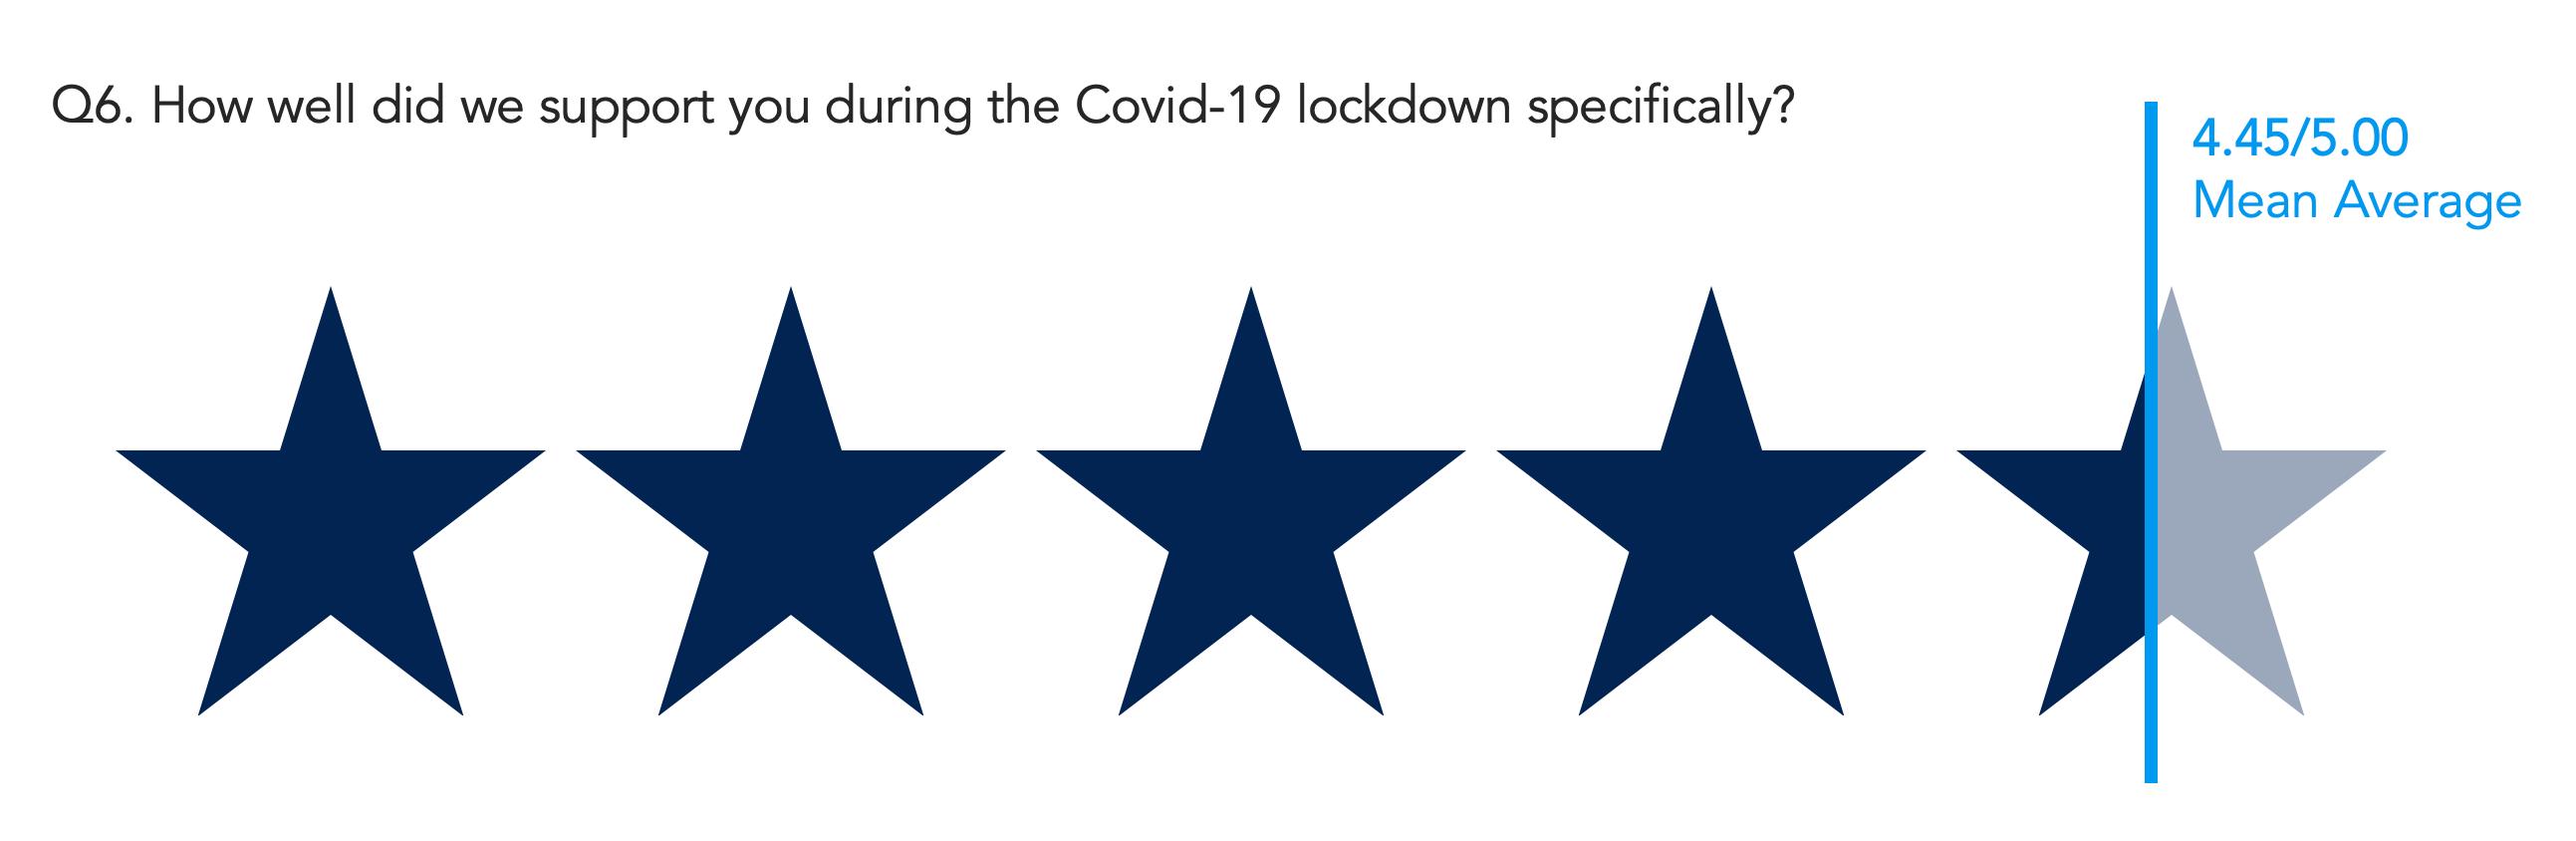 covid-19 it support score